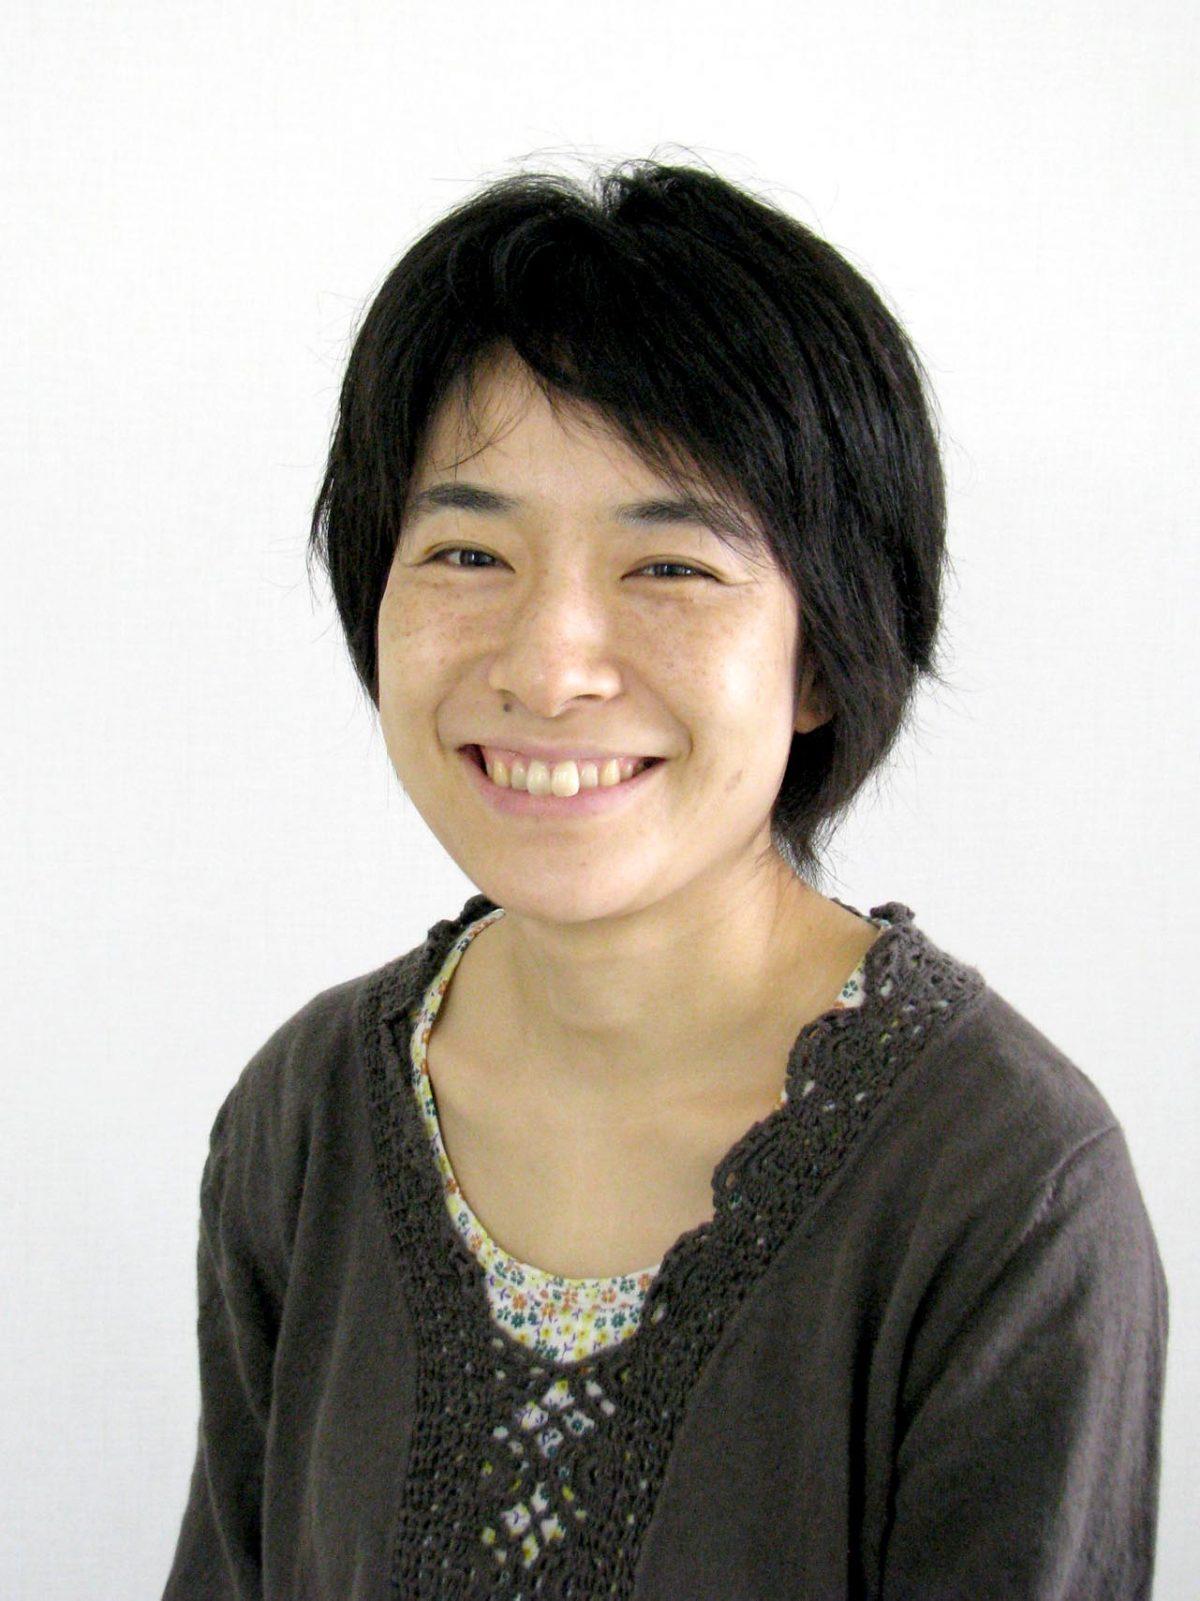 渡辺香奈Kana Watanabe